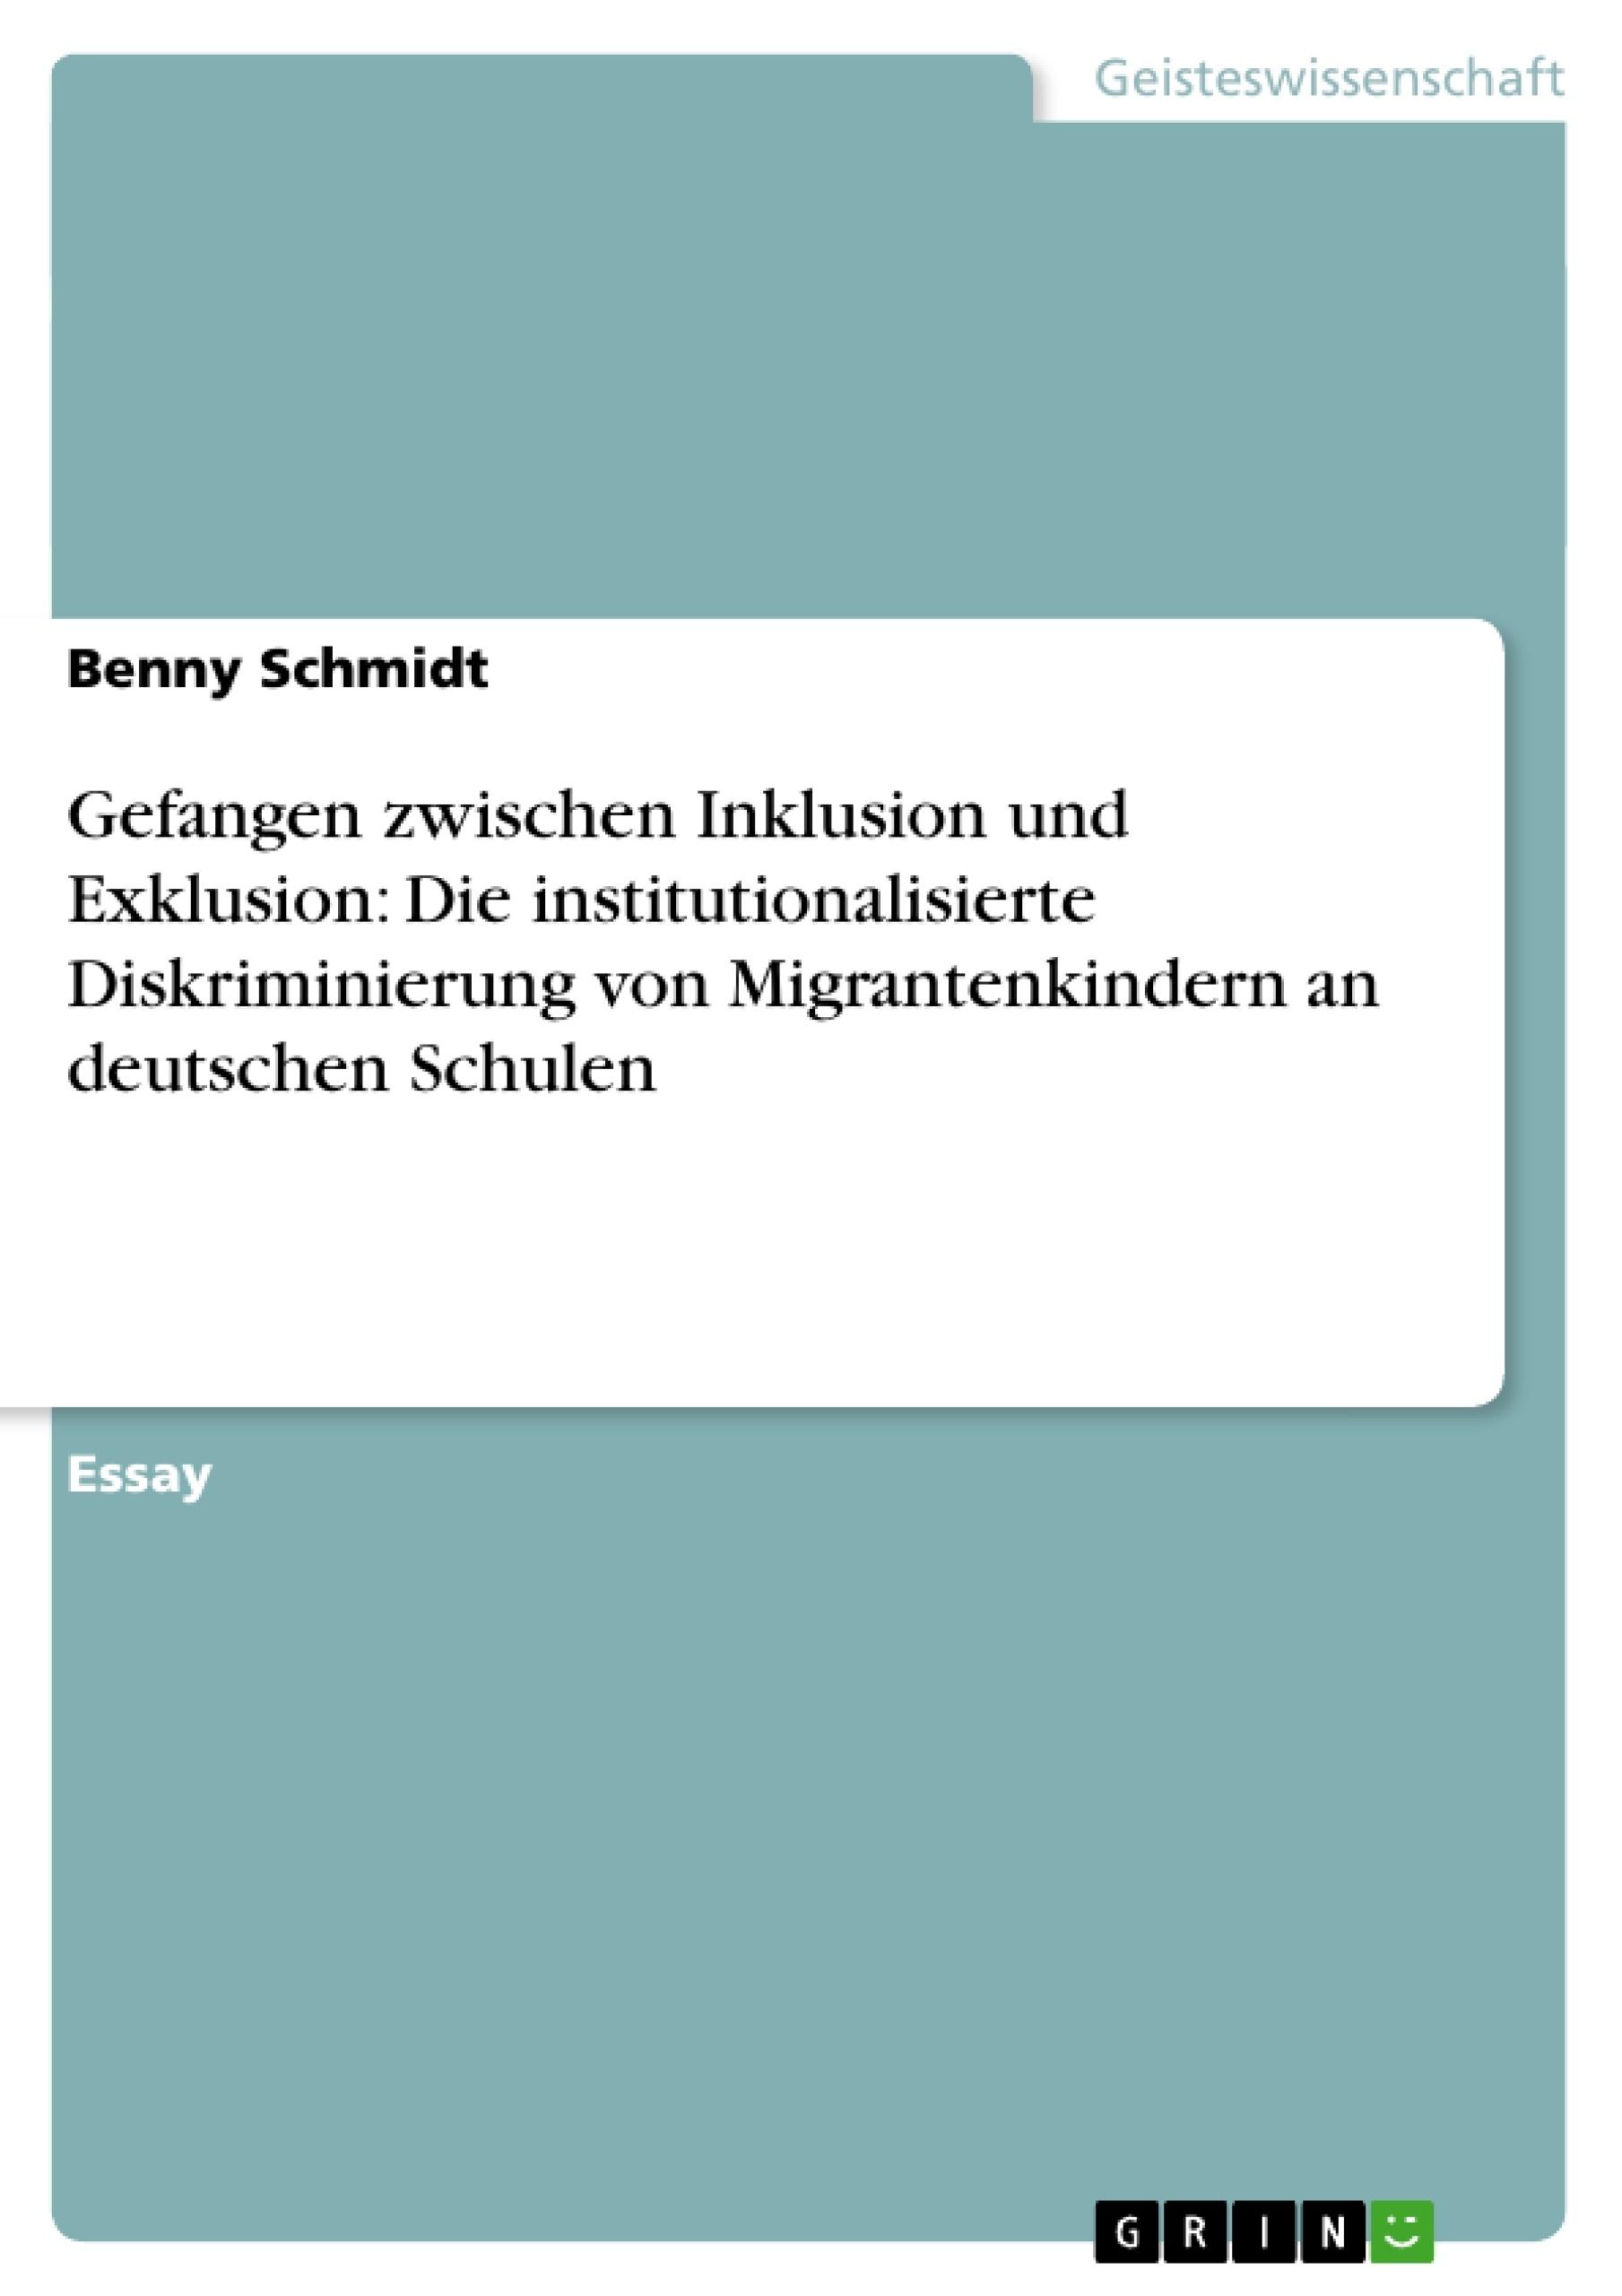 Titel: Gefangen zwischen Inklusion und Exklusion: Die institutionalisierte Diskriminierung von Migrantenkindern an deutschen Schulen